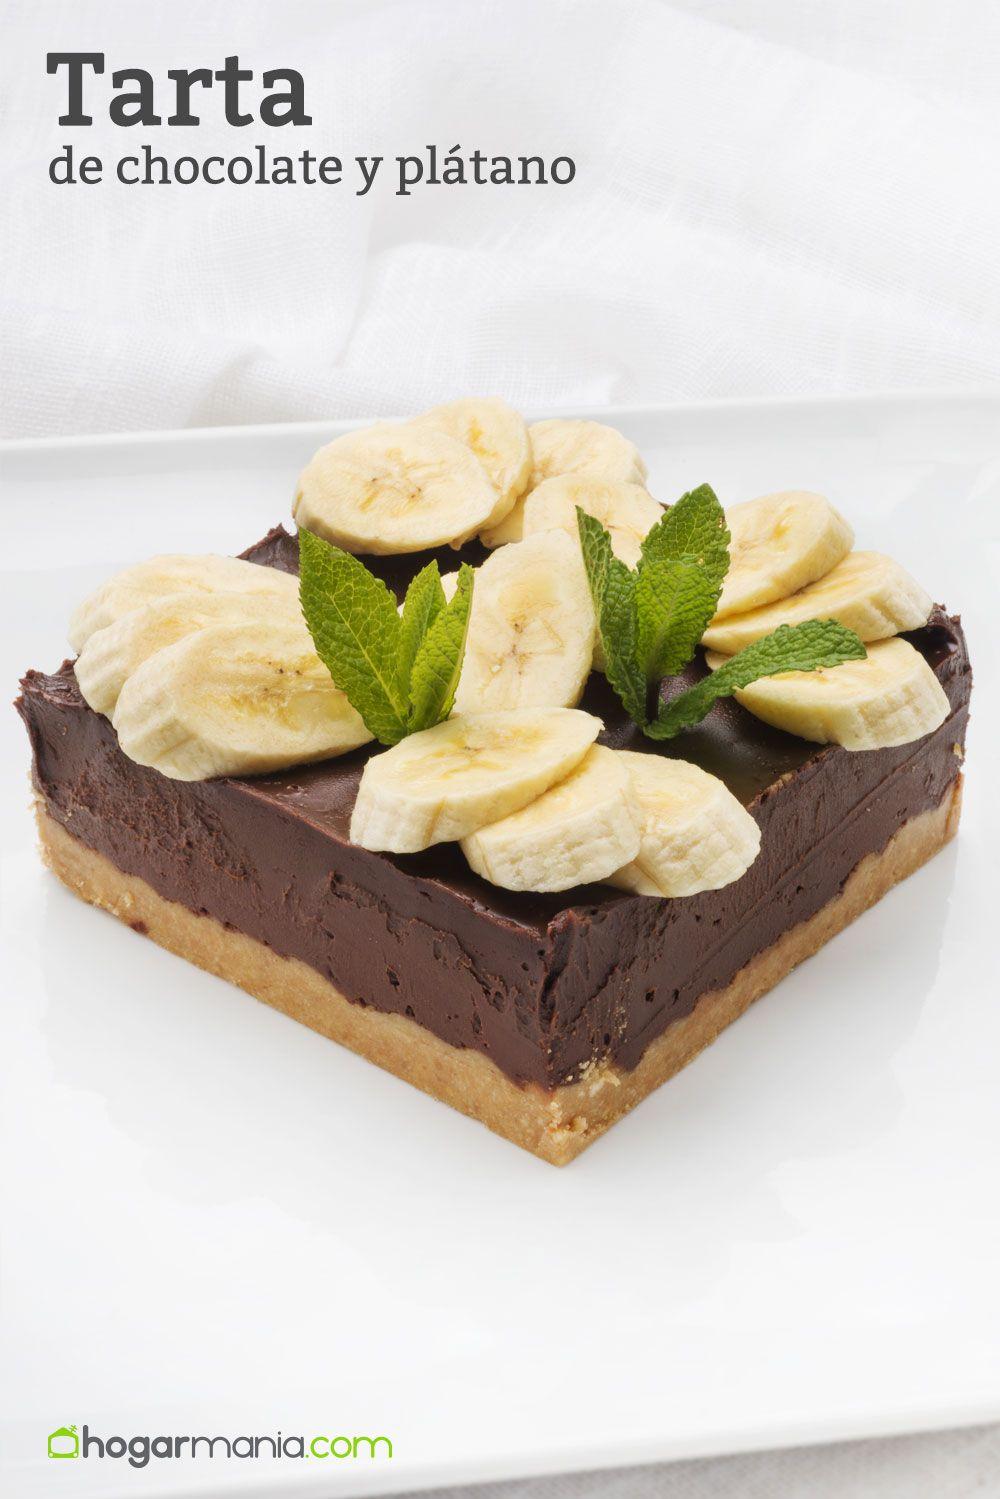 Tarta de chocolate y plátano